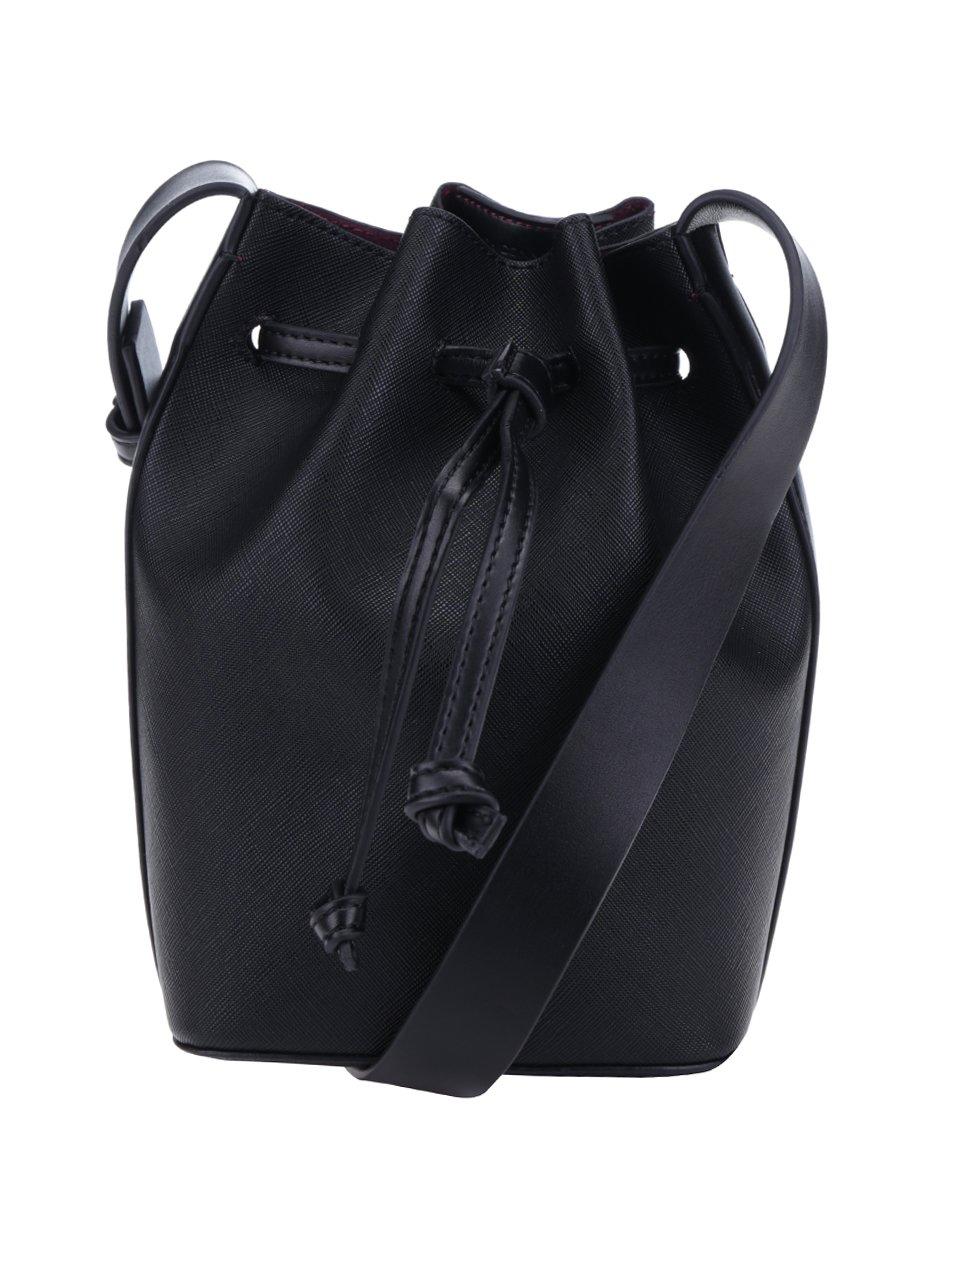 Černý koženkový vak French Connection Saffiano Chelsea